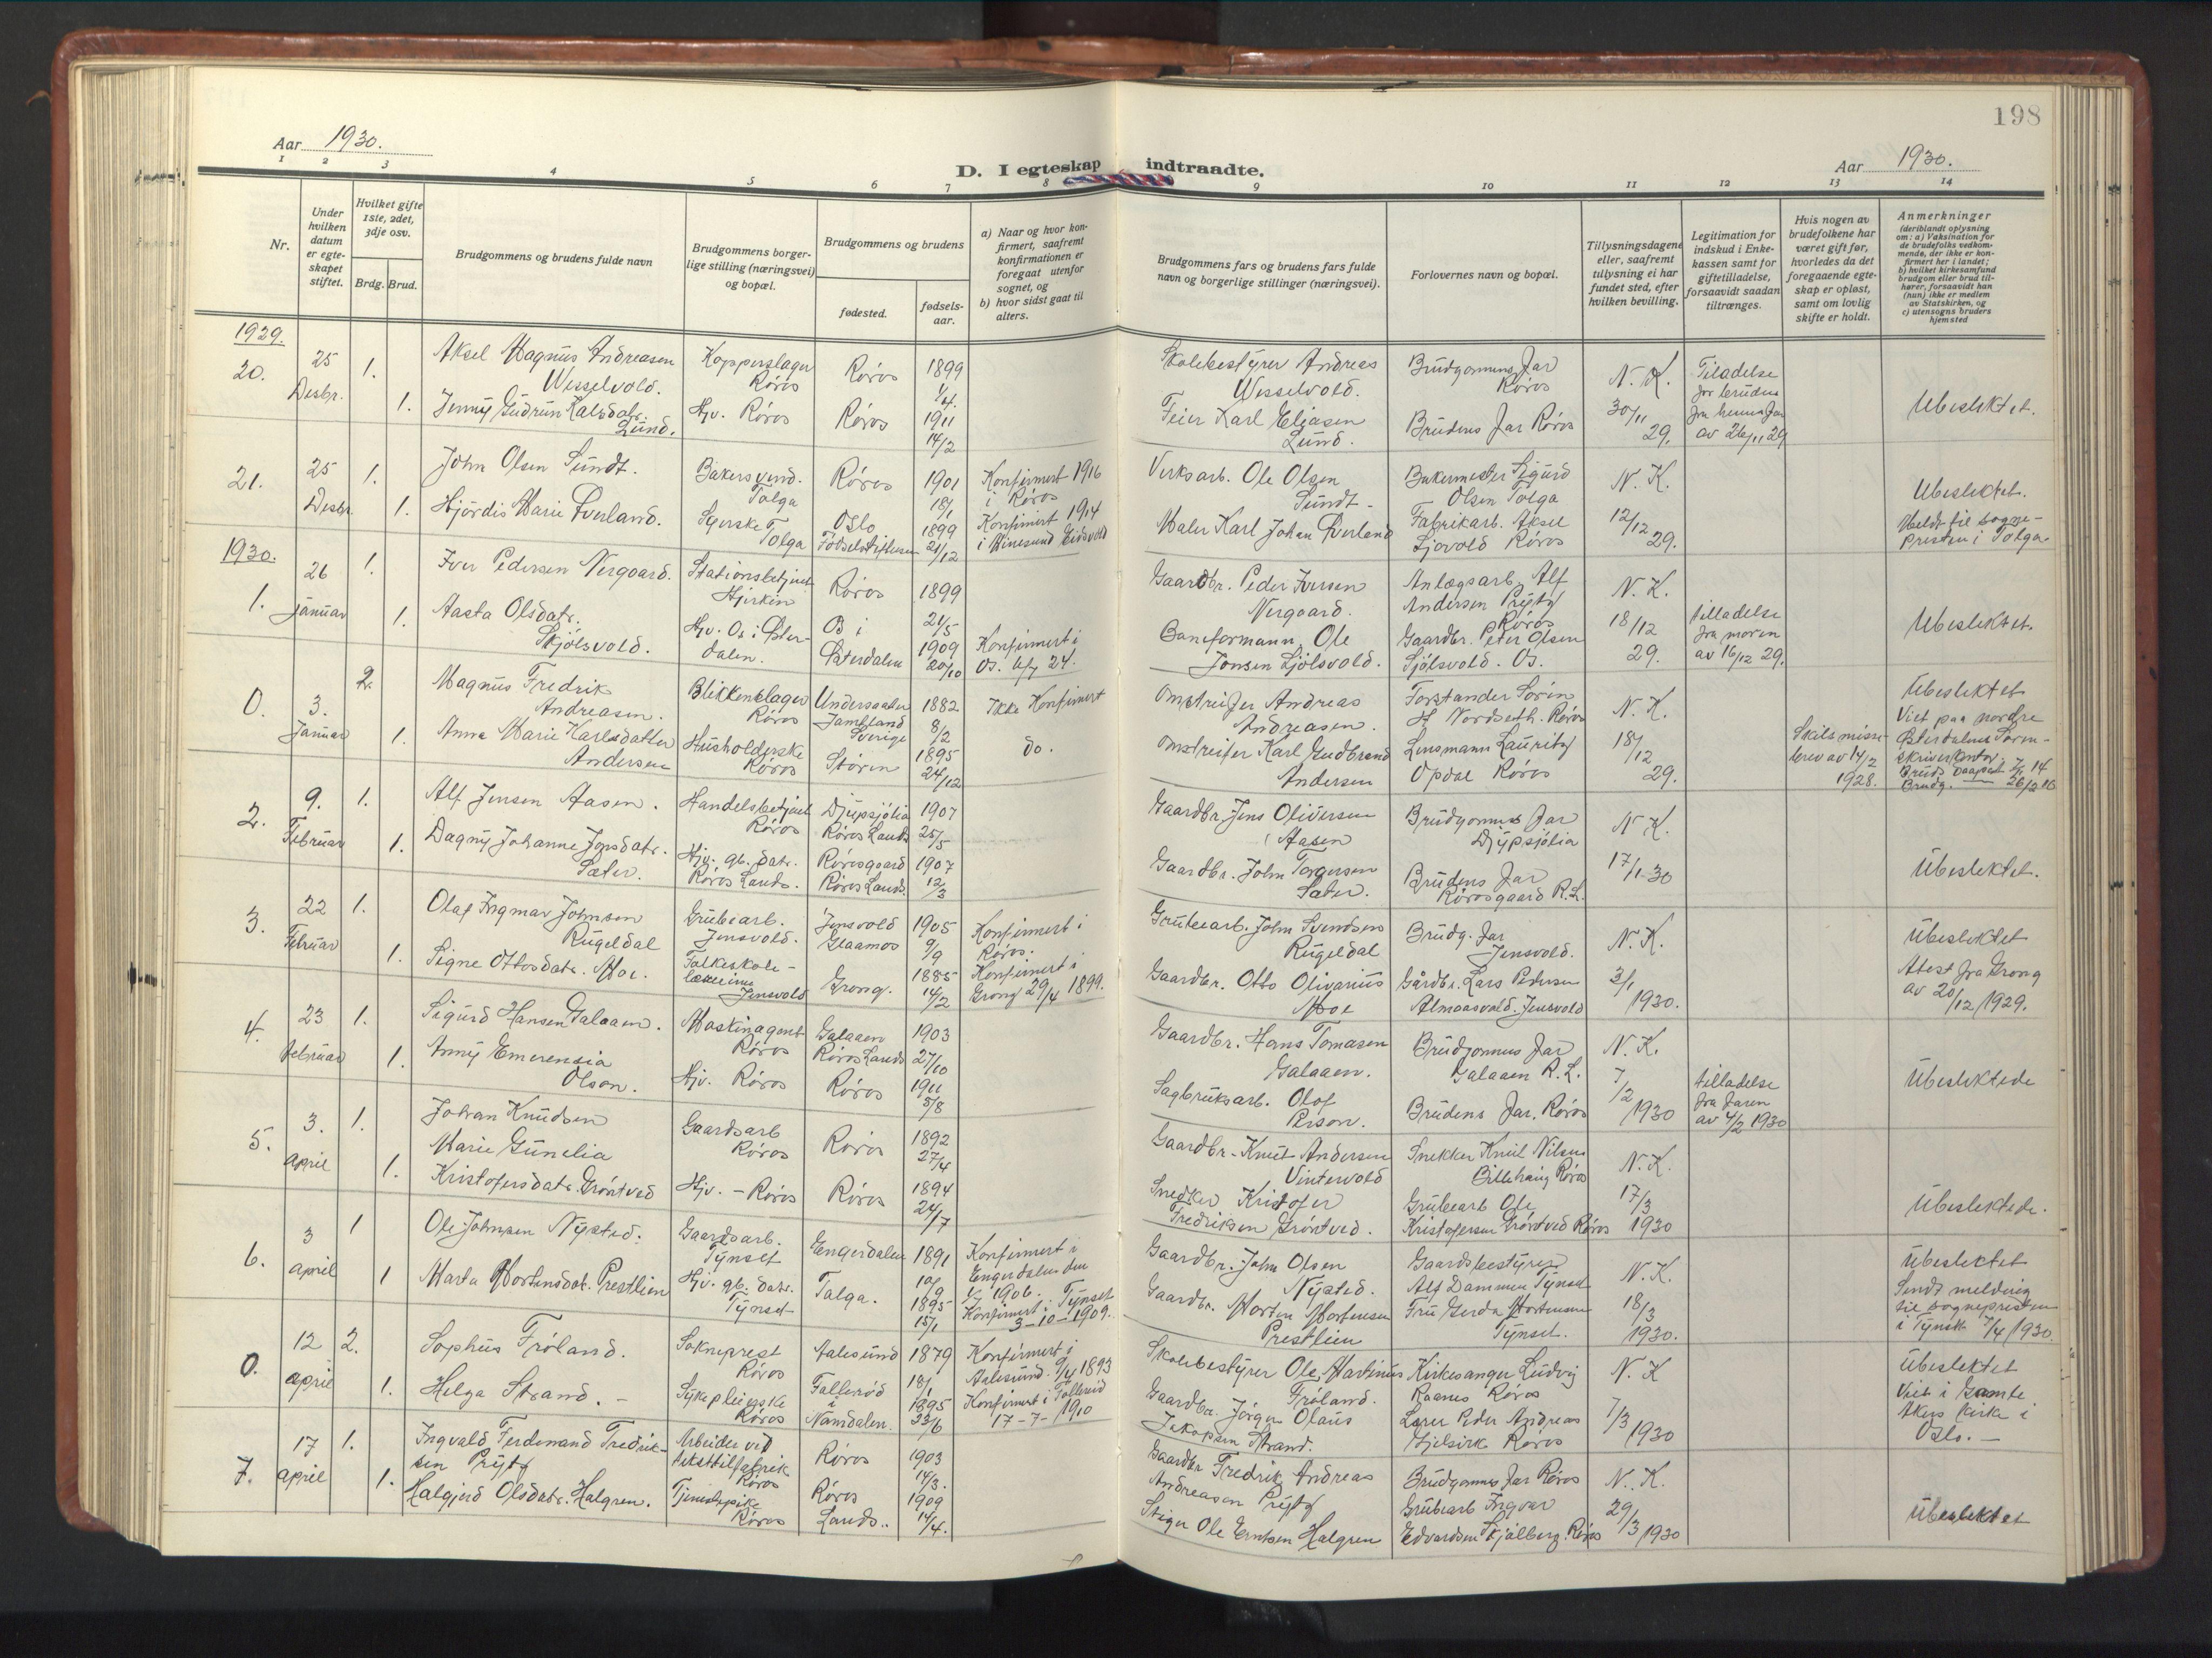 SAT, Ministerialprotokoller, klokkerbøker og fødselsregistre - Sør-Trøndelag, 681/L0943: Klokkerbok nr. 681C07, 1926-1954, s. 198